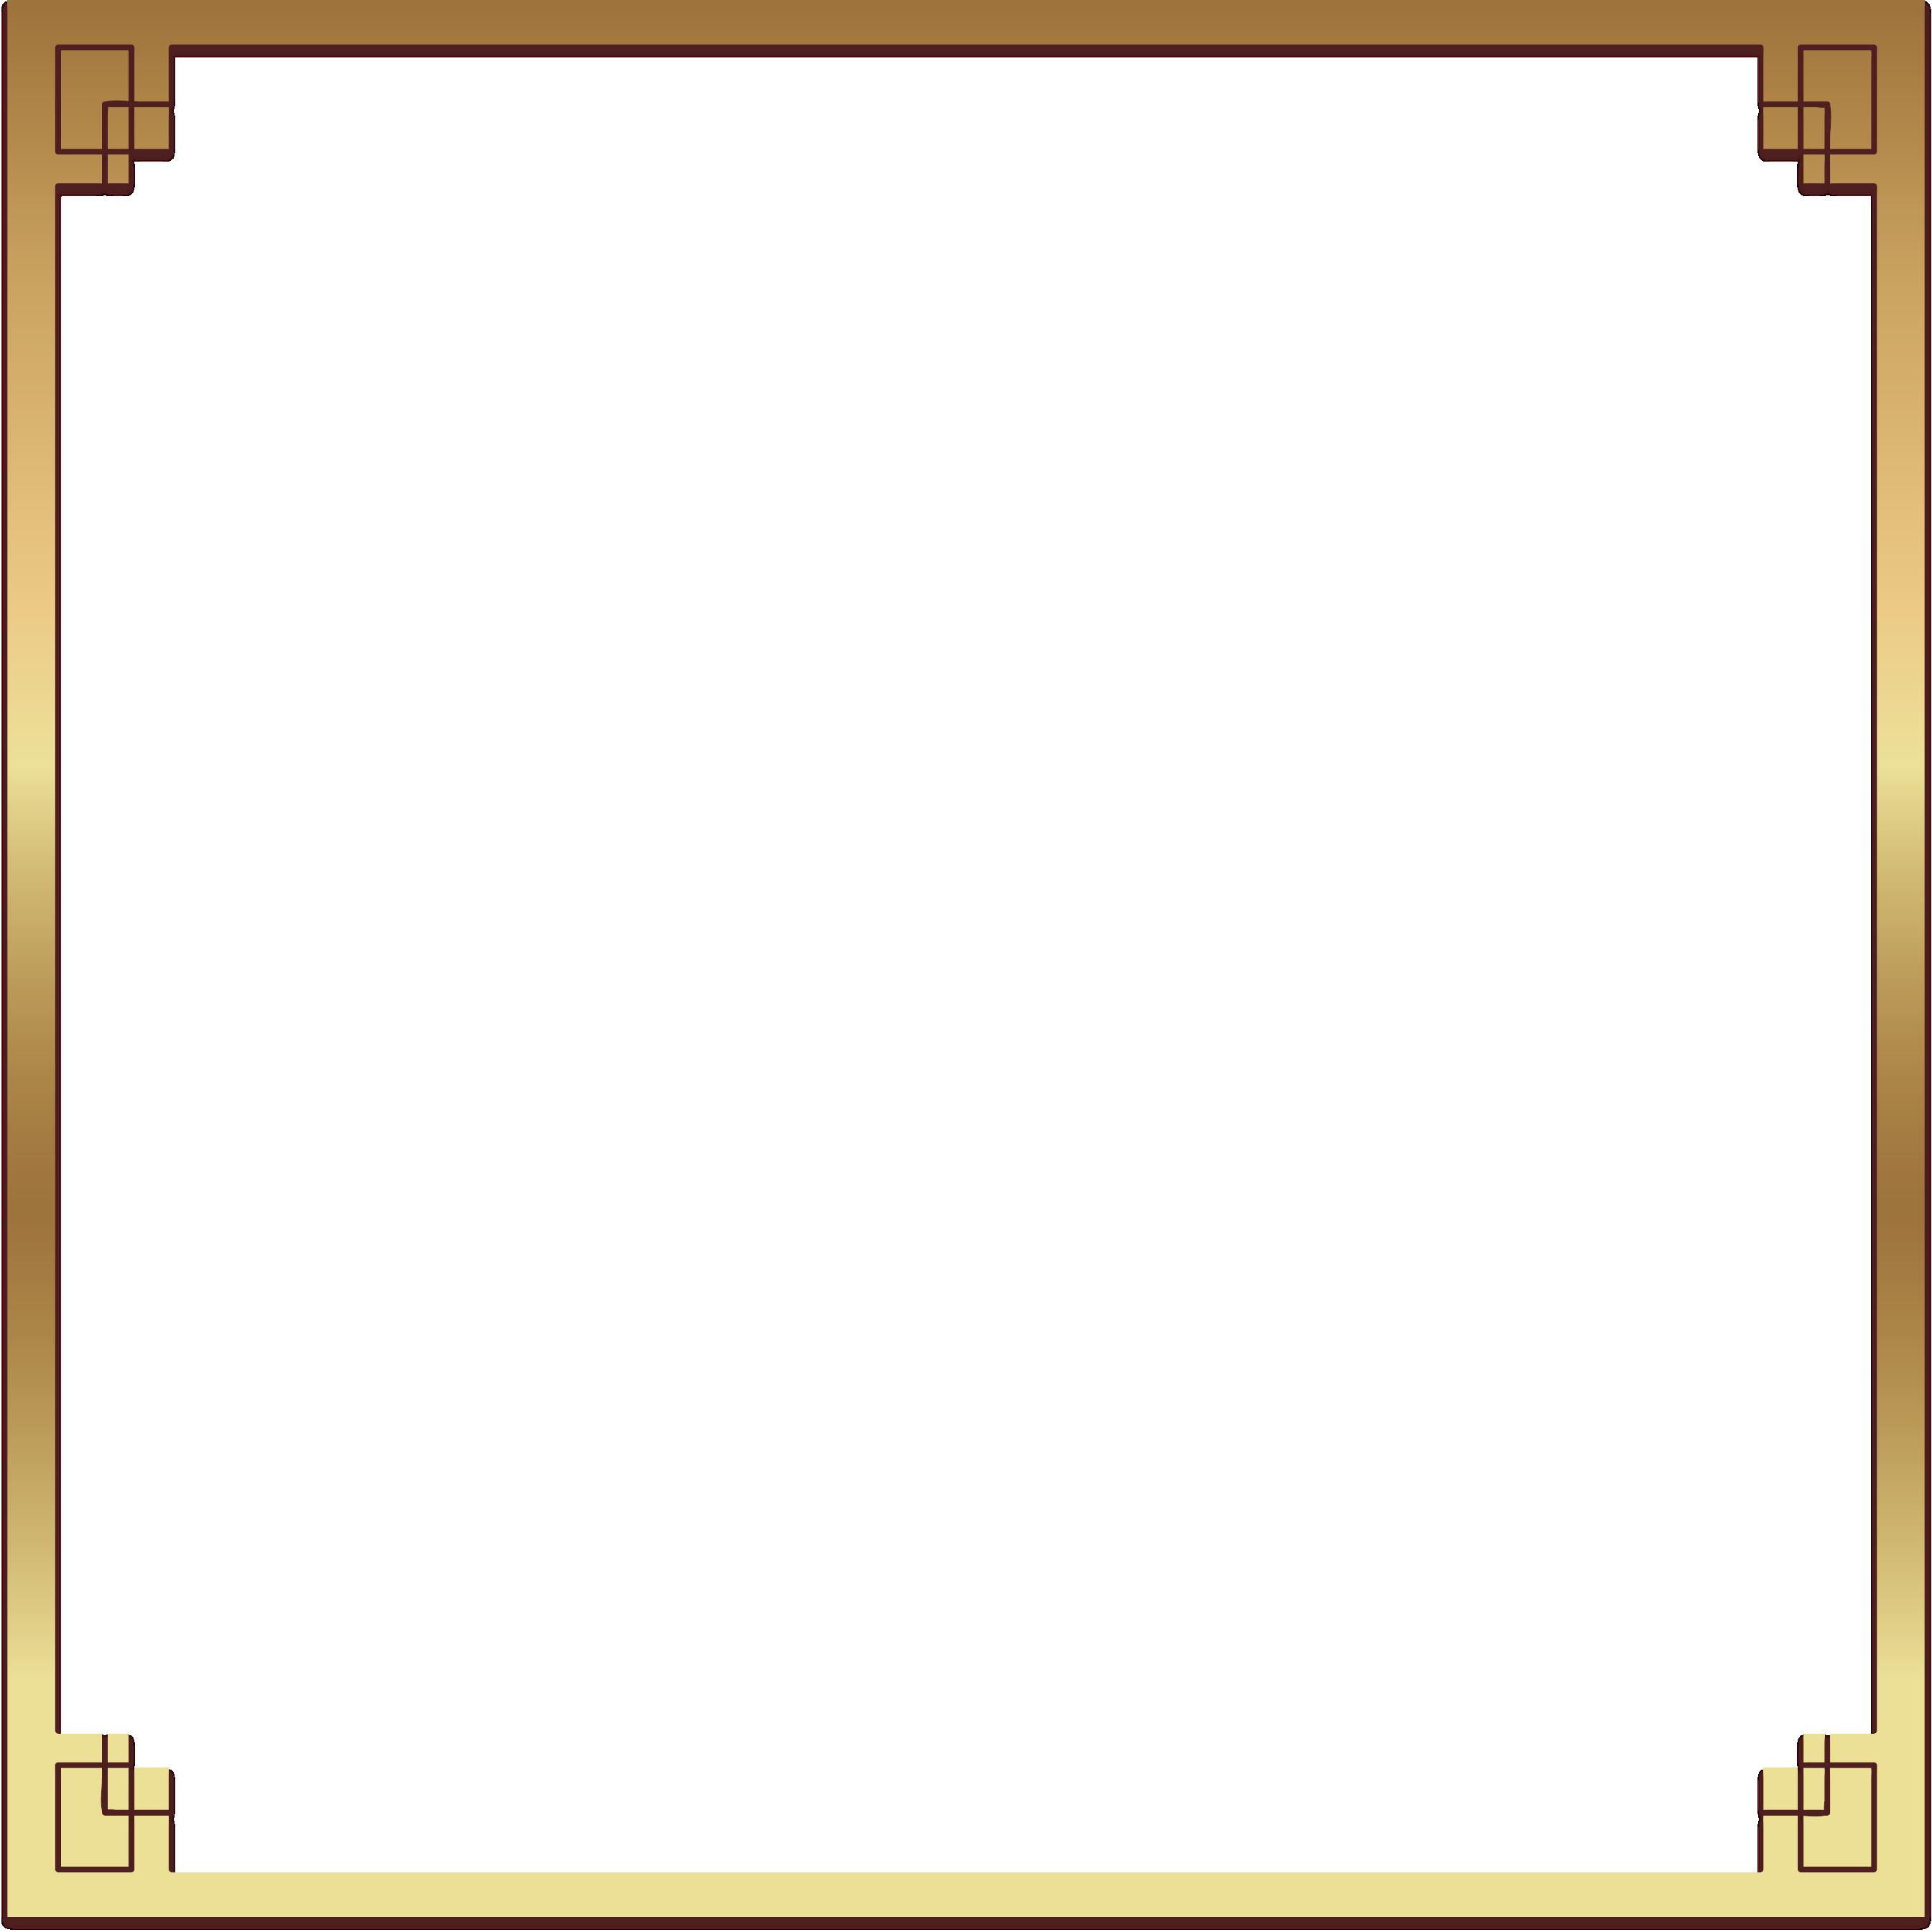 2690x2690 Square Angle Yellow Pattern